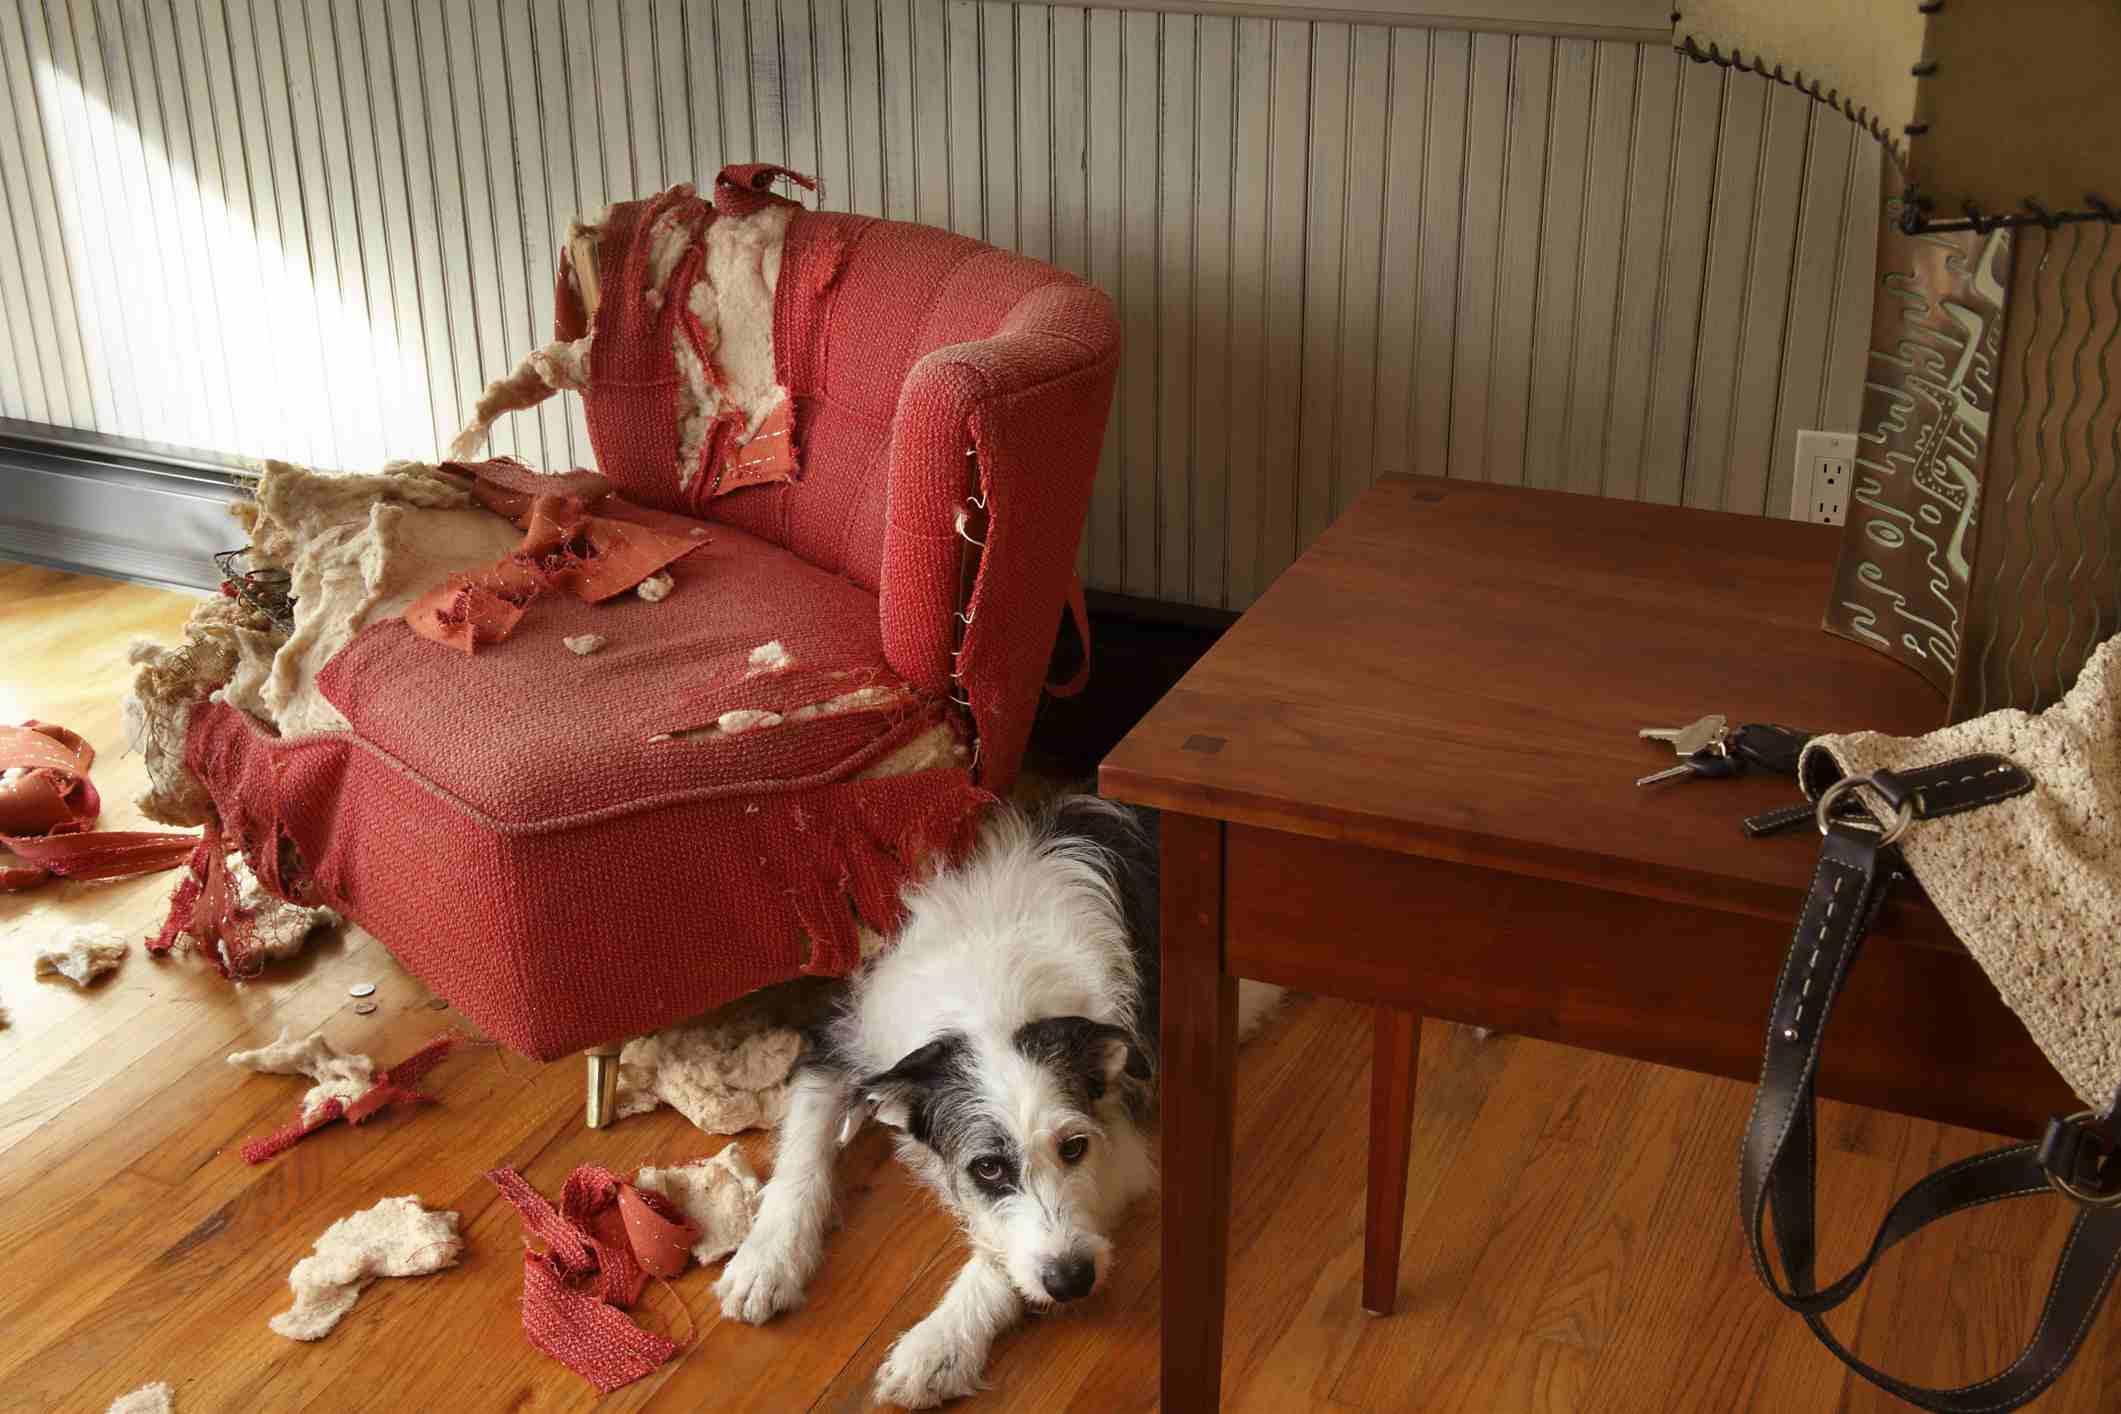 Perro travieso sentado al lado de muebles rotos